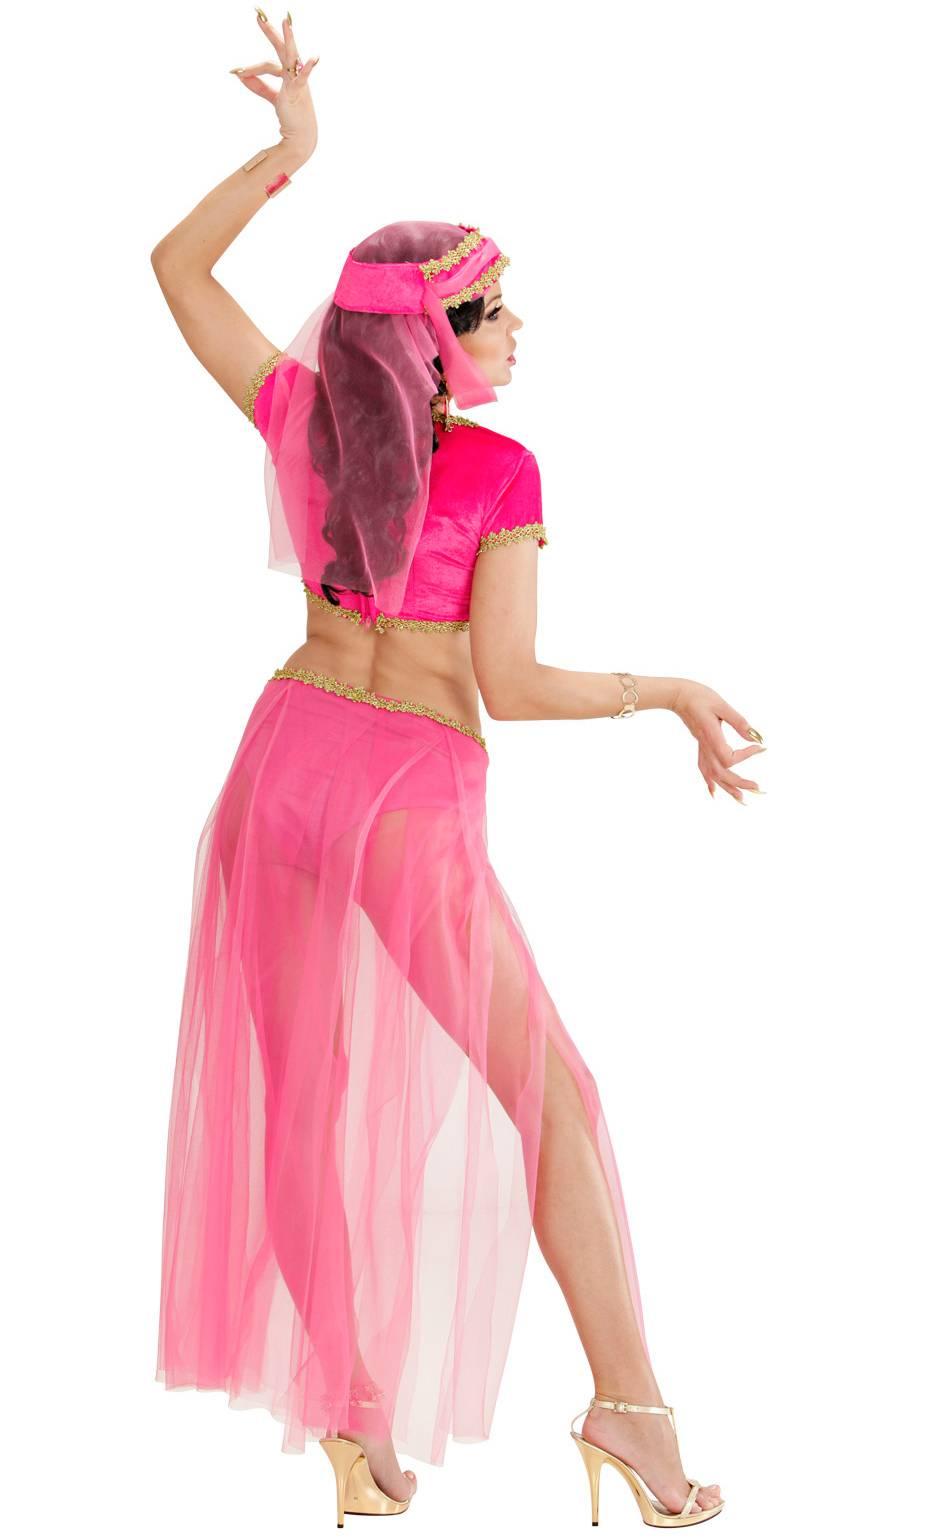 Costume-Danseuse-orientale-femme-3